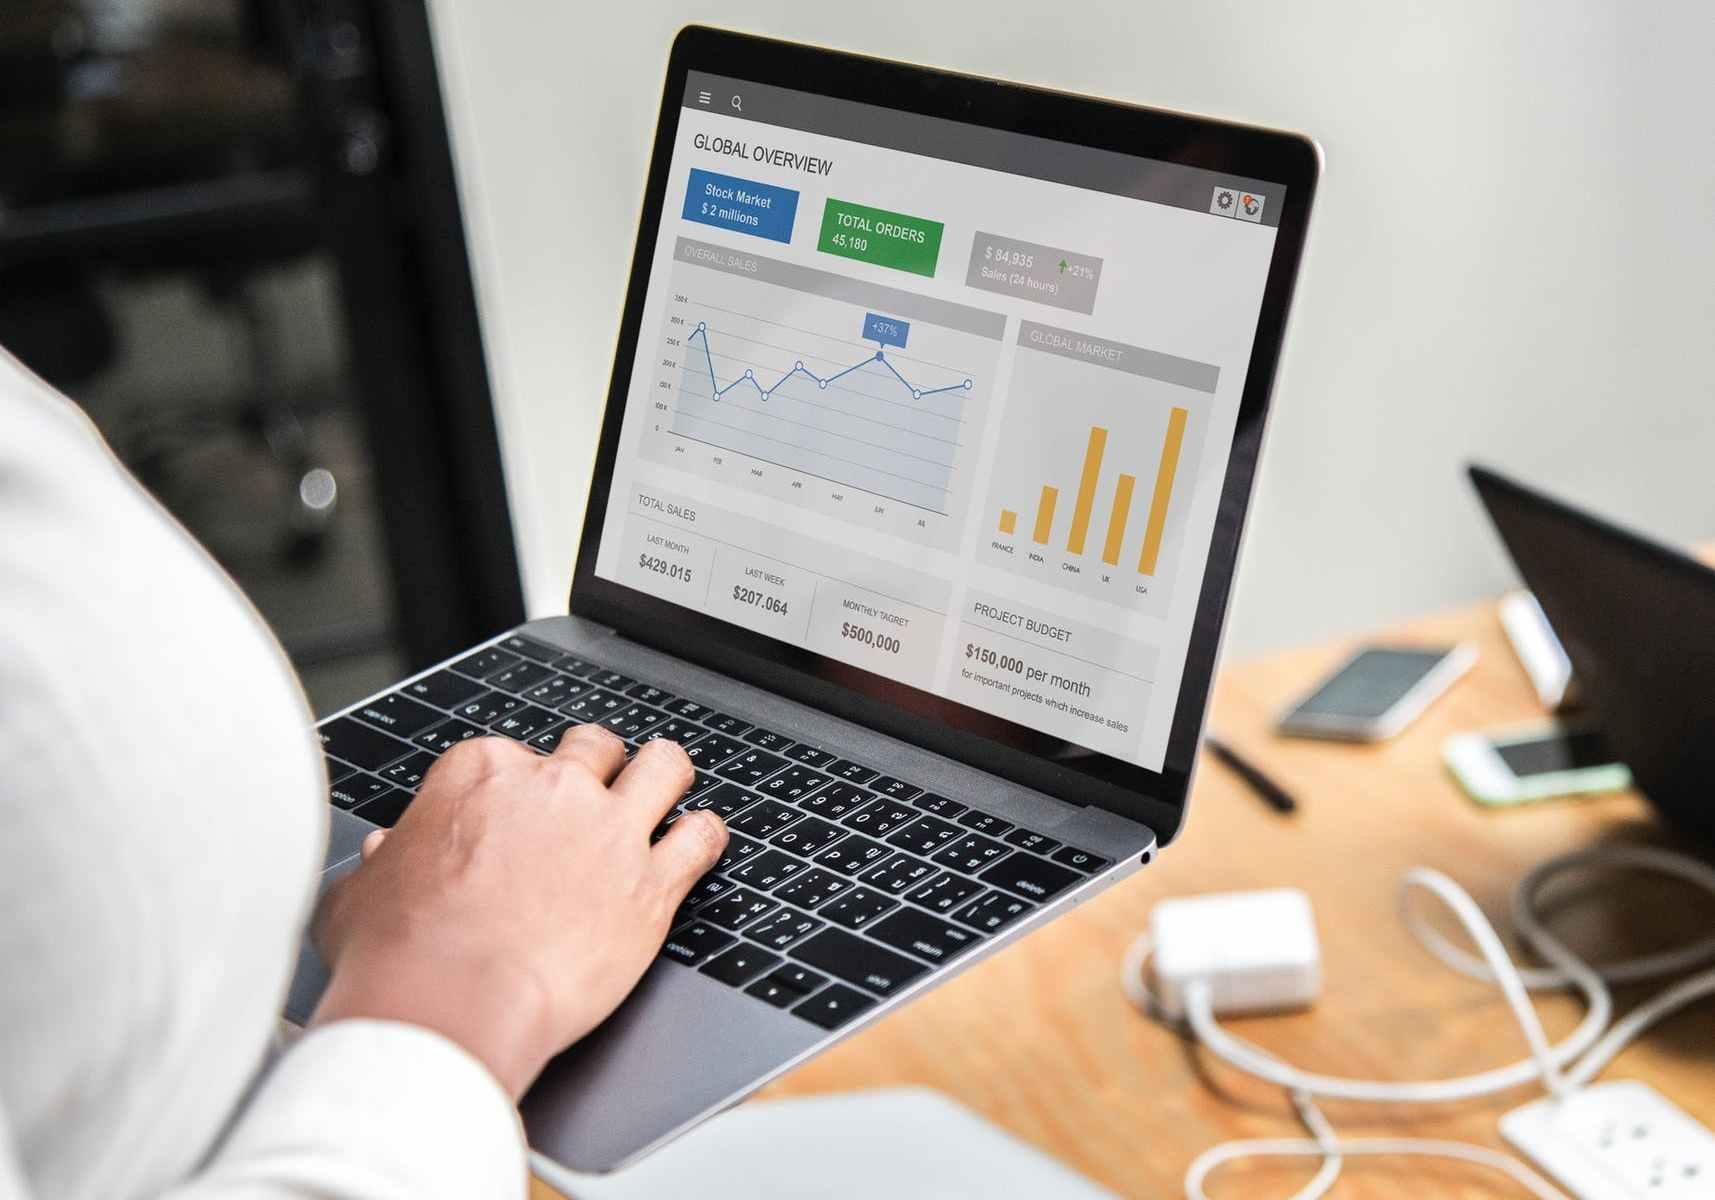 챗봇 준비 단계: 경쟁사 및 시 분석 / Chatbot Preparation: Competitor and Market Analysis